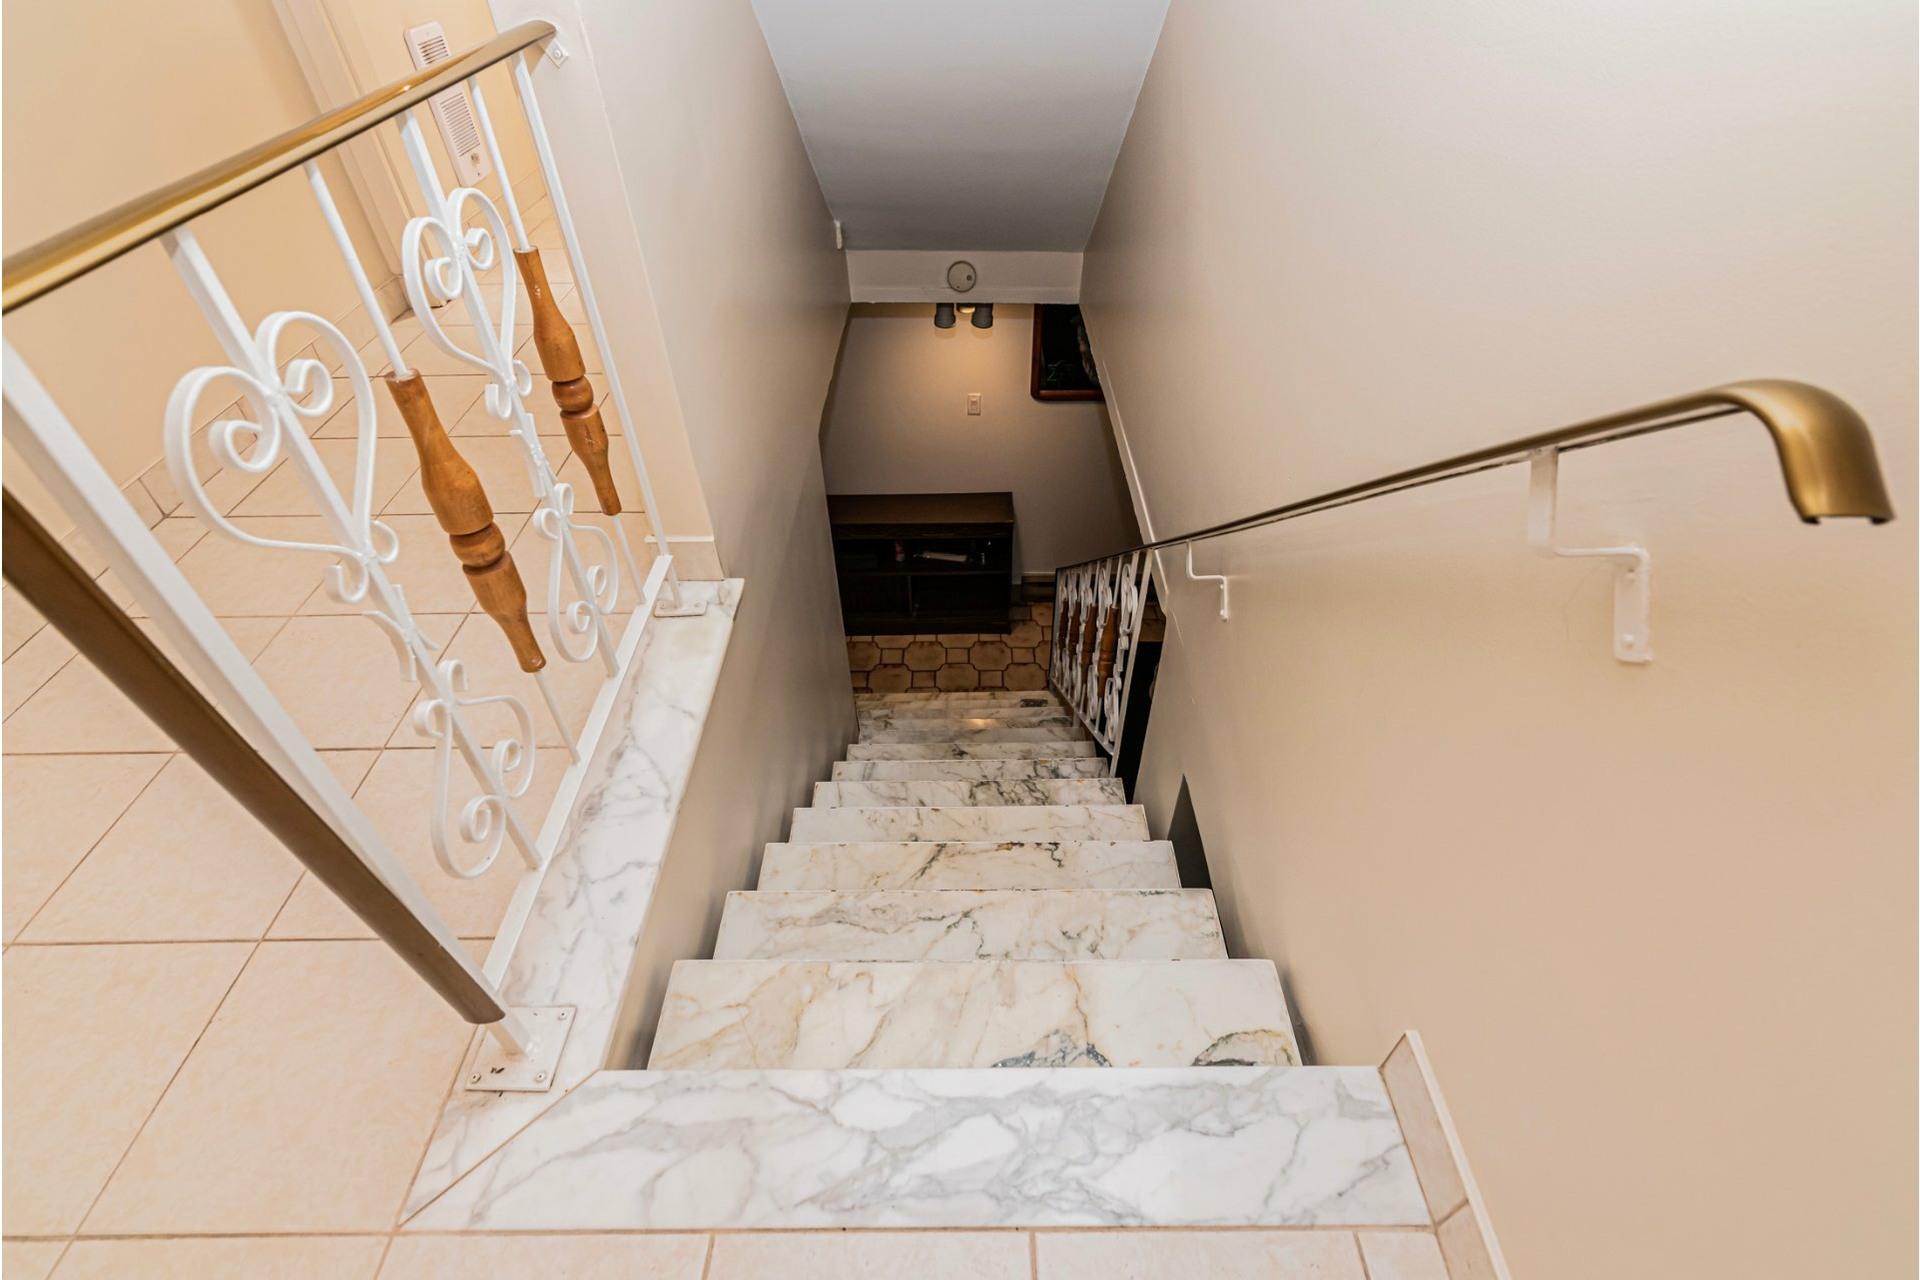 image 20 - Duplex For sale Saint-Léonard Montréal  - 9 rooms